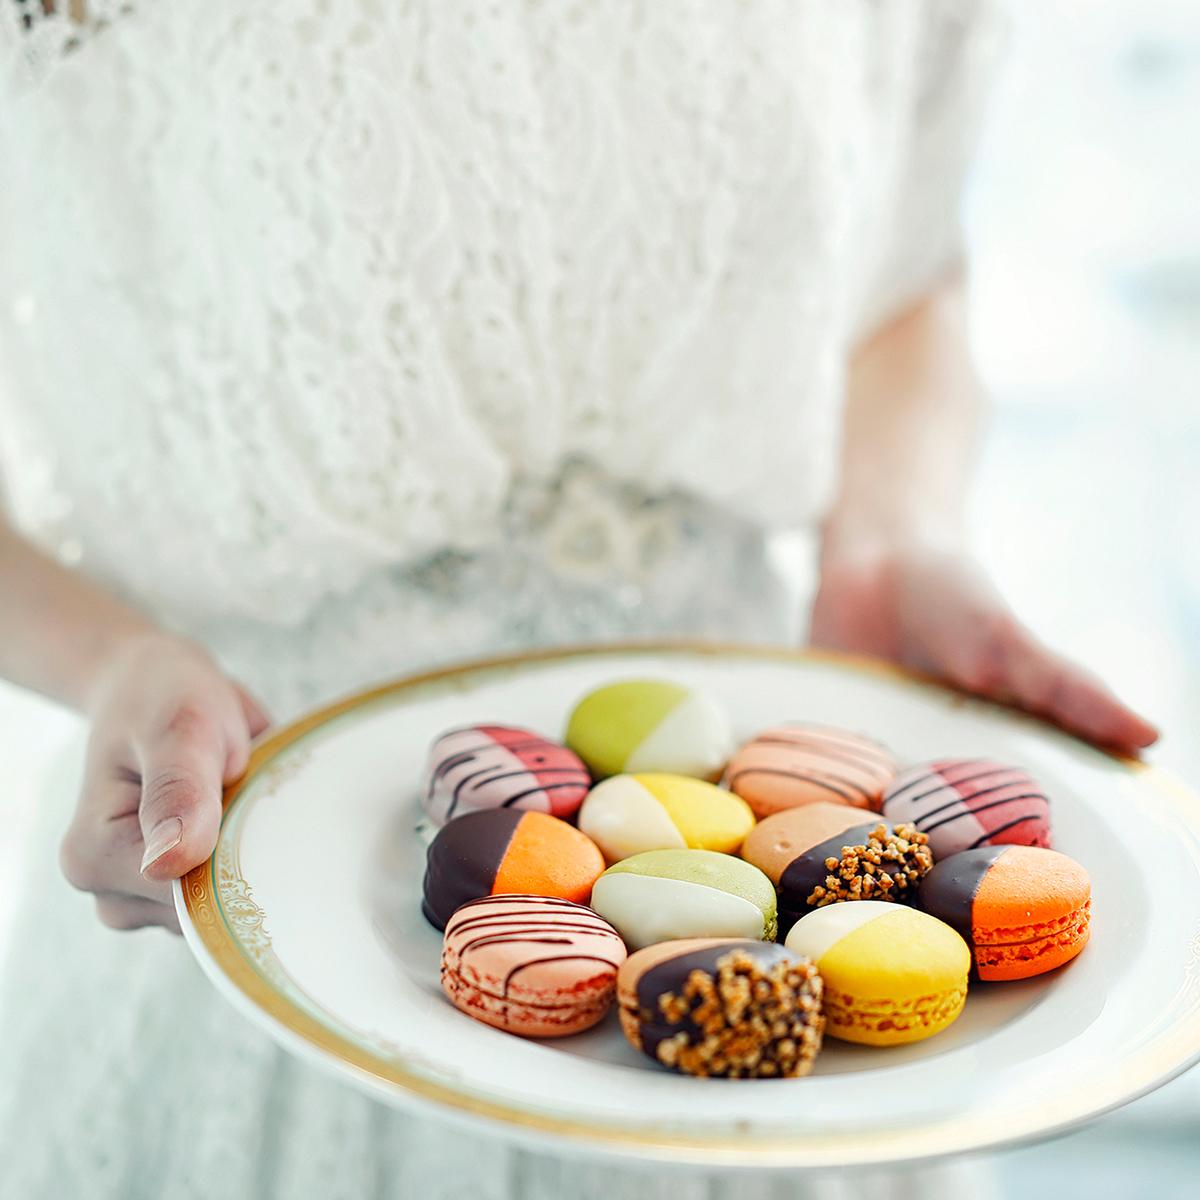 「すてきな結婚式」について新着情報イメージ2